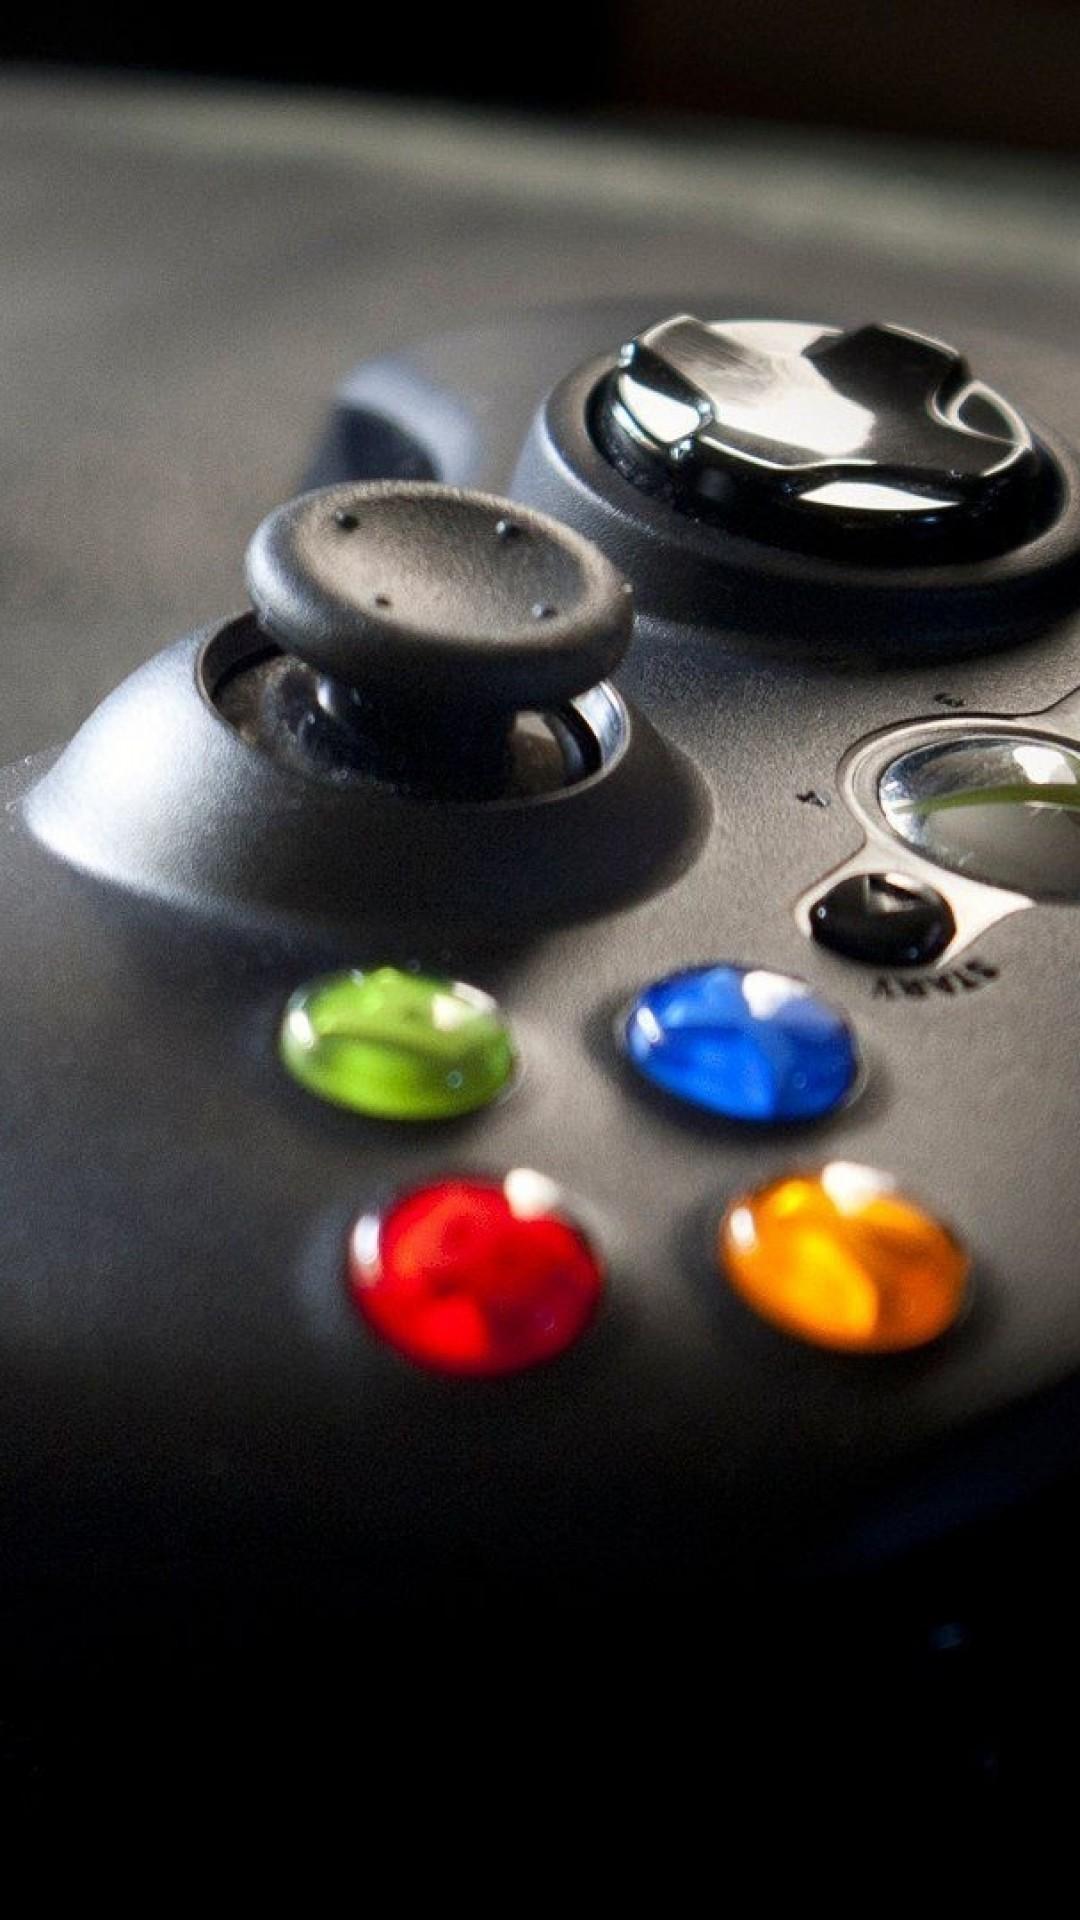 Xbox One Mlg Meme Wallpaper